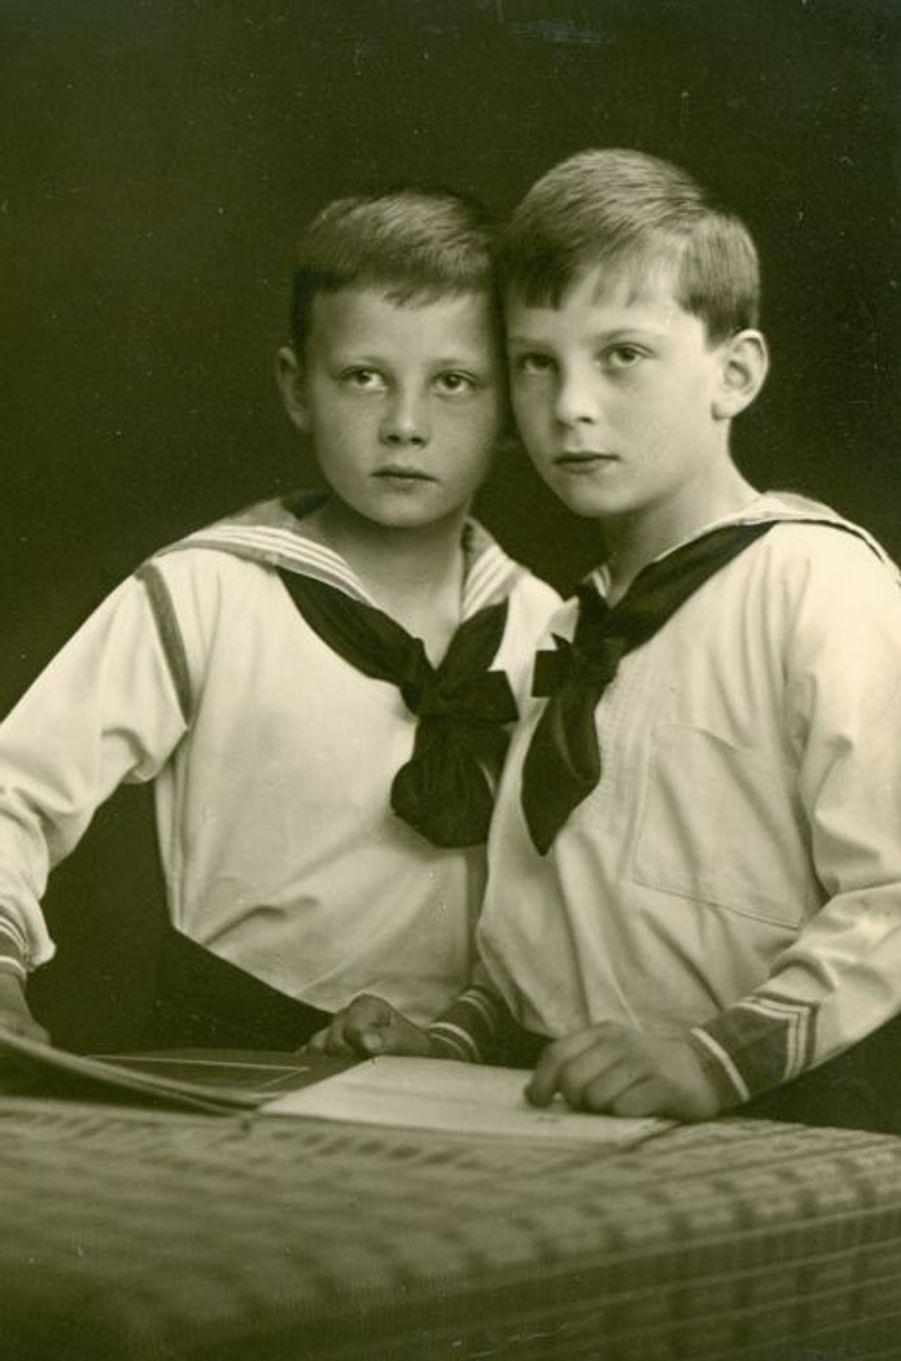 Les jumeaux Christoph et Richard de Hesse-Cassel nés en 1901-photo non datée